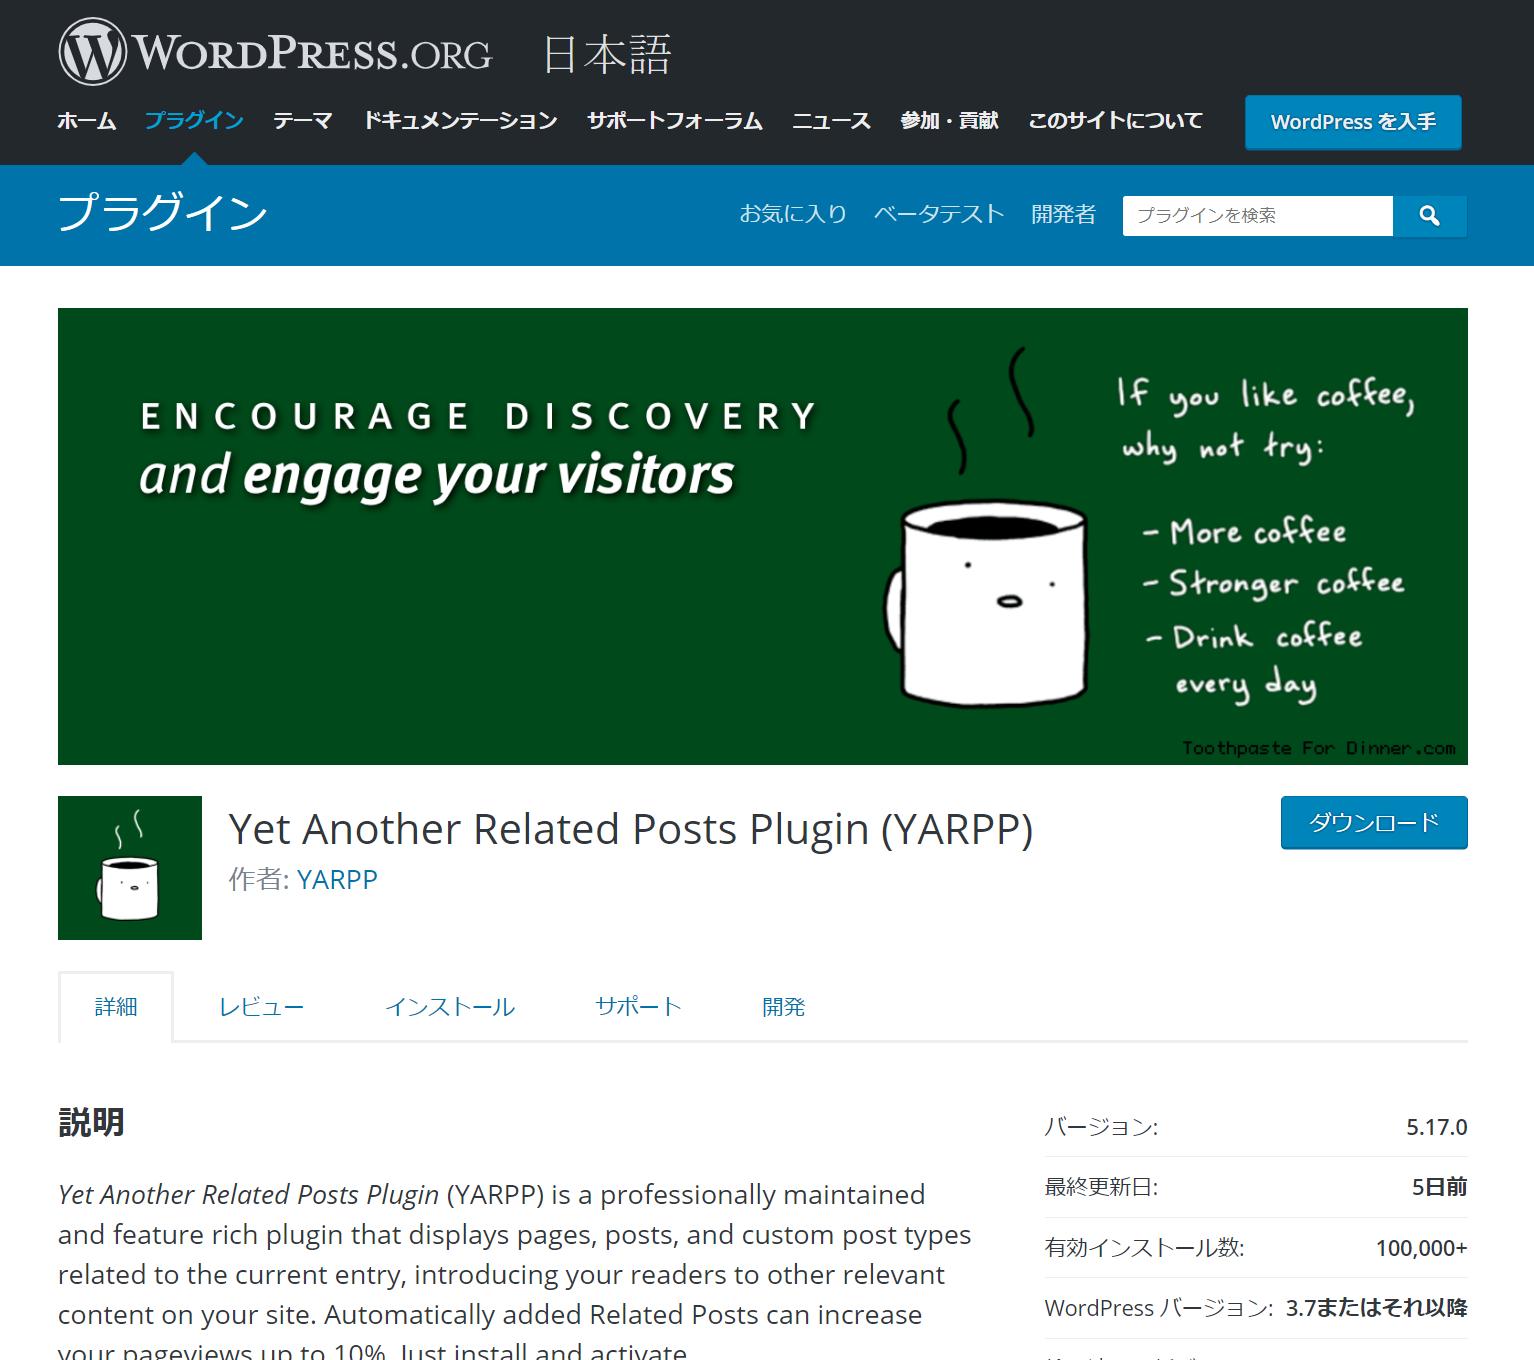 【WordPress】関連記事のプラグインでおすすめ【Yet Another Related Posts Plugin (YARPP)】